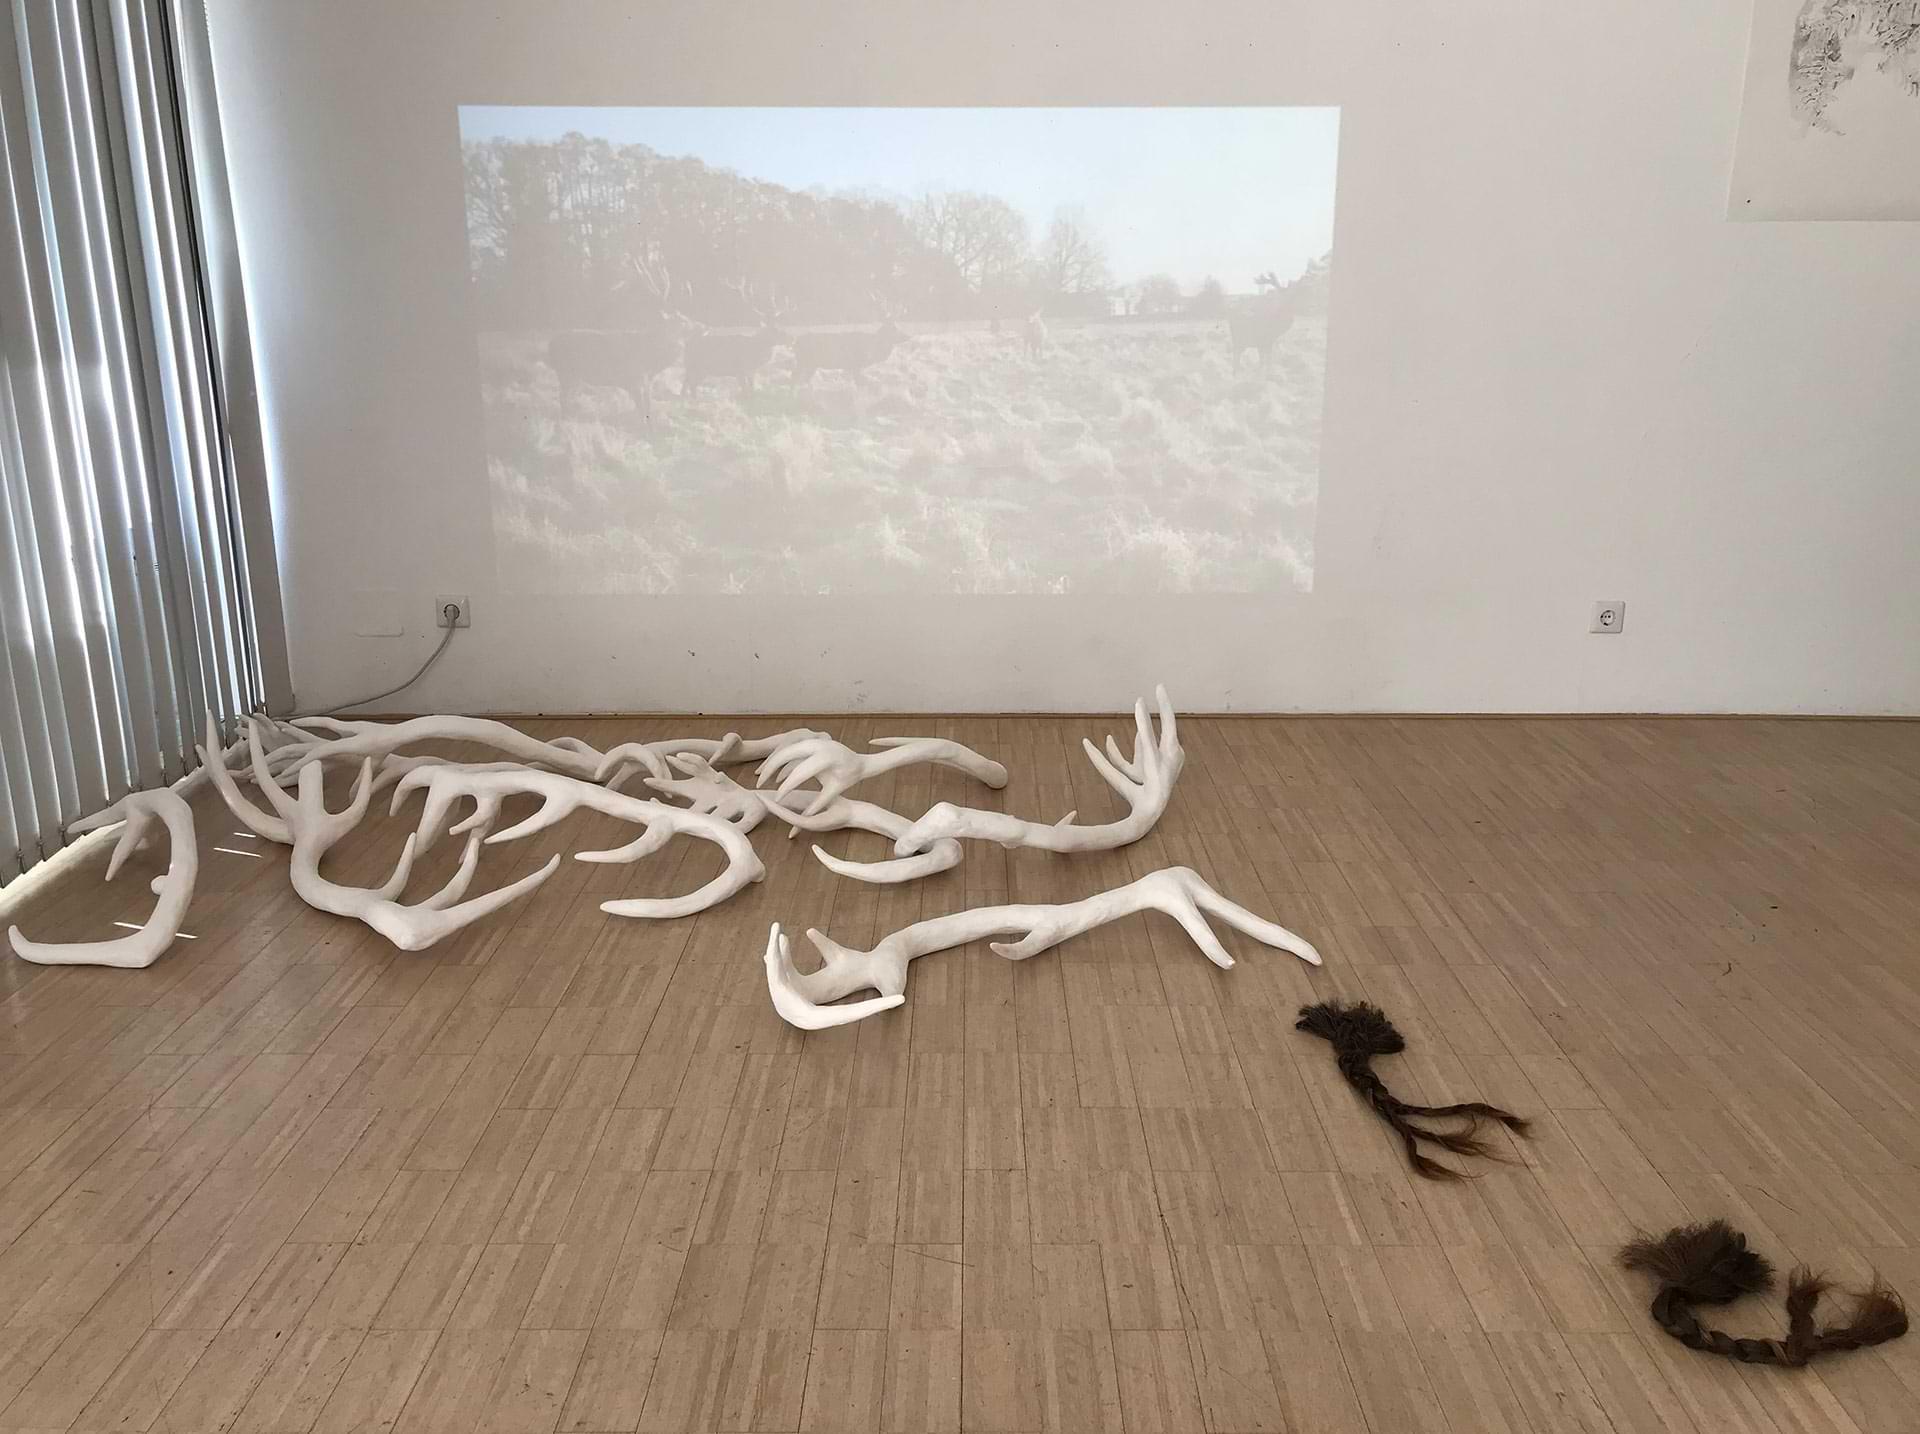 christianehaag-contemplations-urbandeer-gedok-stuttgart-performance-video-urban-landscape-deer-hirsche-malerei-painting-zeichnung--drawing-linoldruck-linoprint--installation-gipsskulpturen